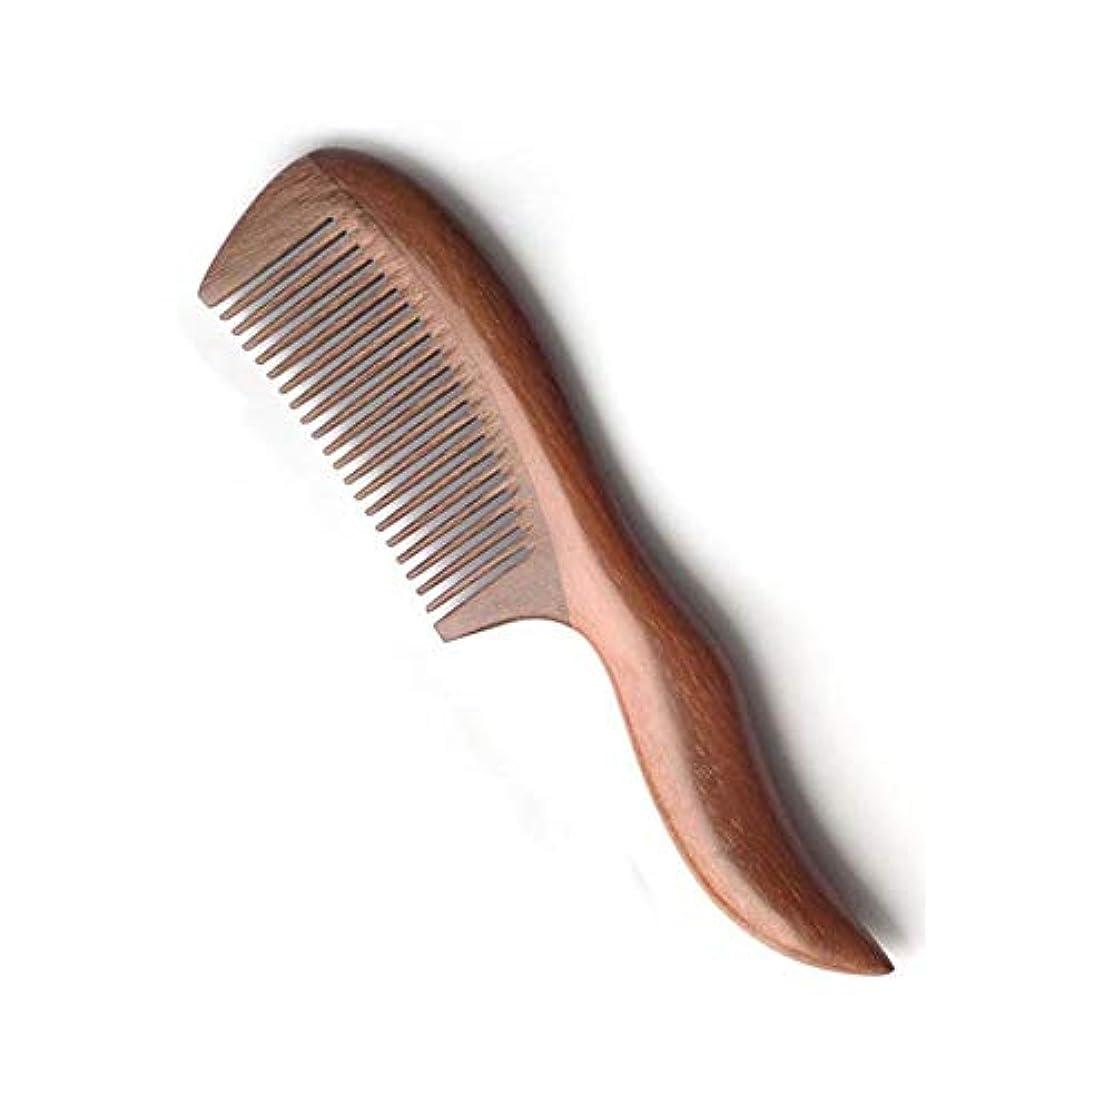 エスカレーターバスケットボール切り下げ女性のためのFashian木製のくしファイン歯くし、グリーンサンダルウッド抗静的もつれ解除ホーンくし ヘアケア (色 : 1827)